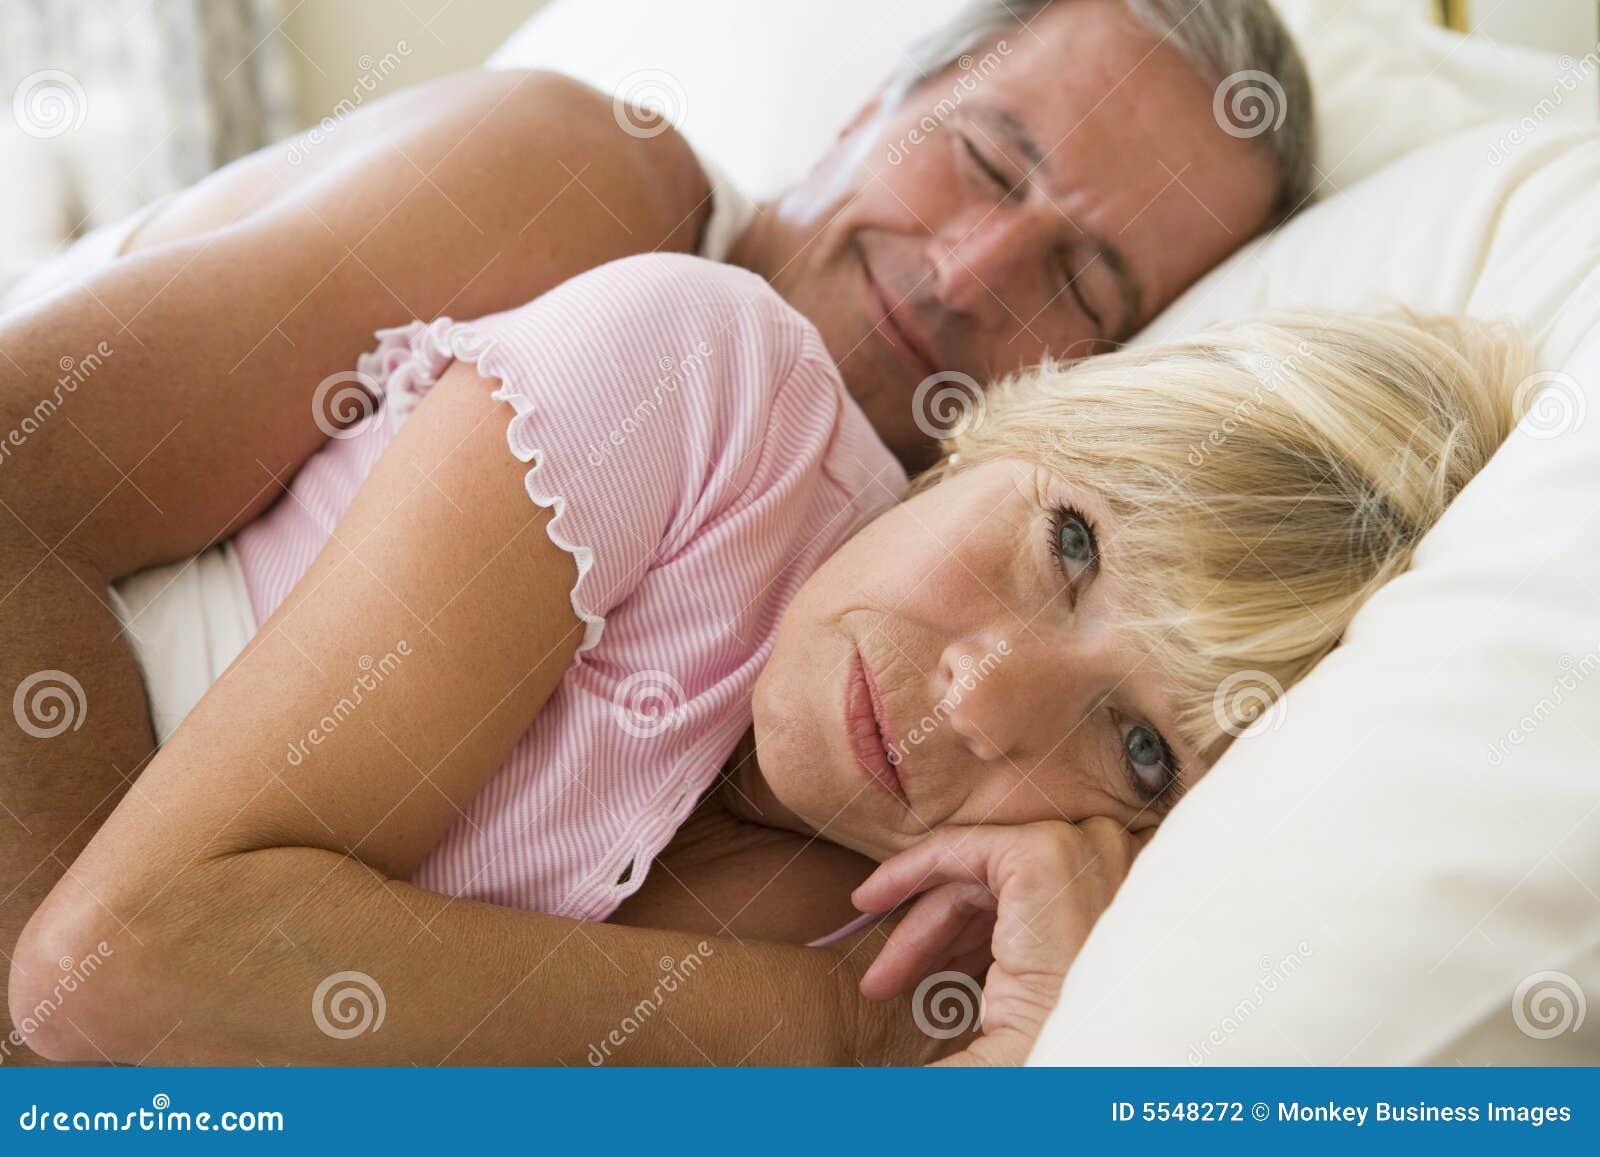 Секс двух пар молодой и пожилой, Пара Молодая Зрелая - Bub Porn -порно видео 21 фотография